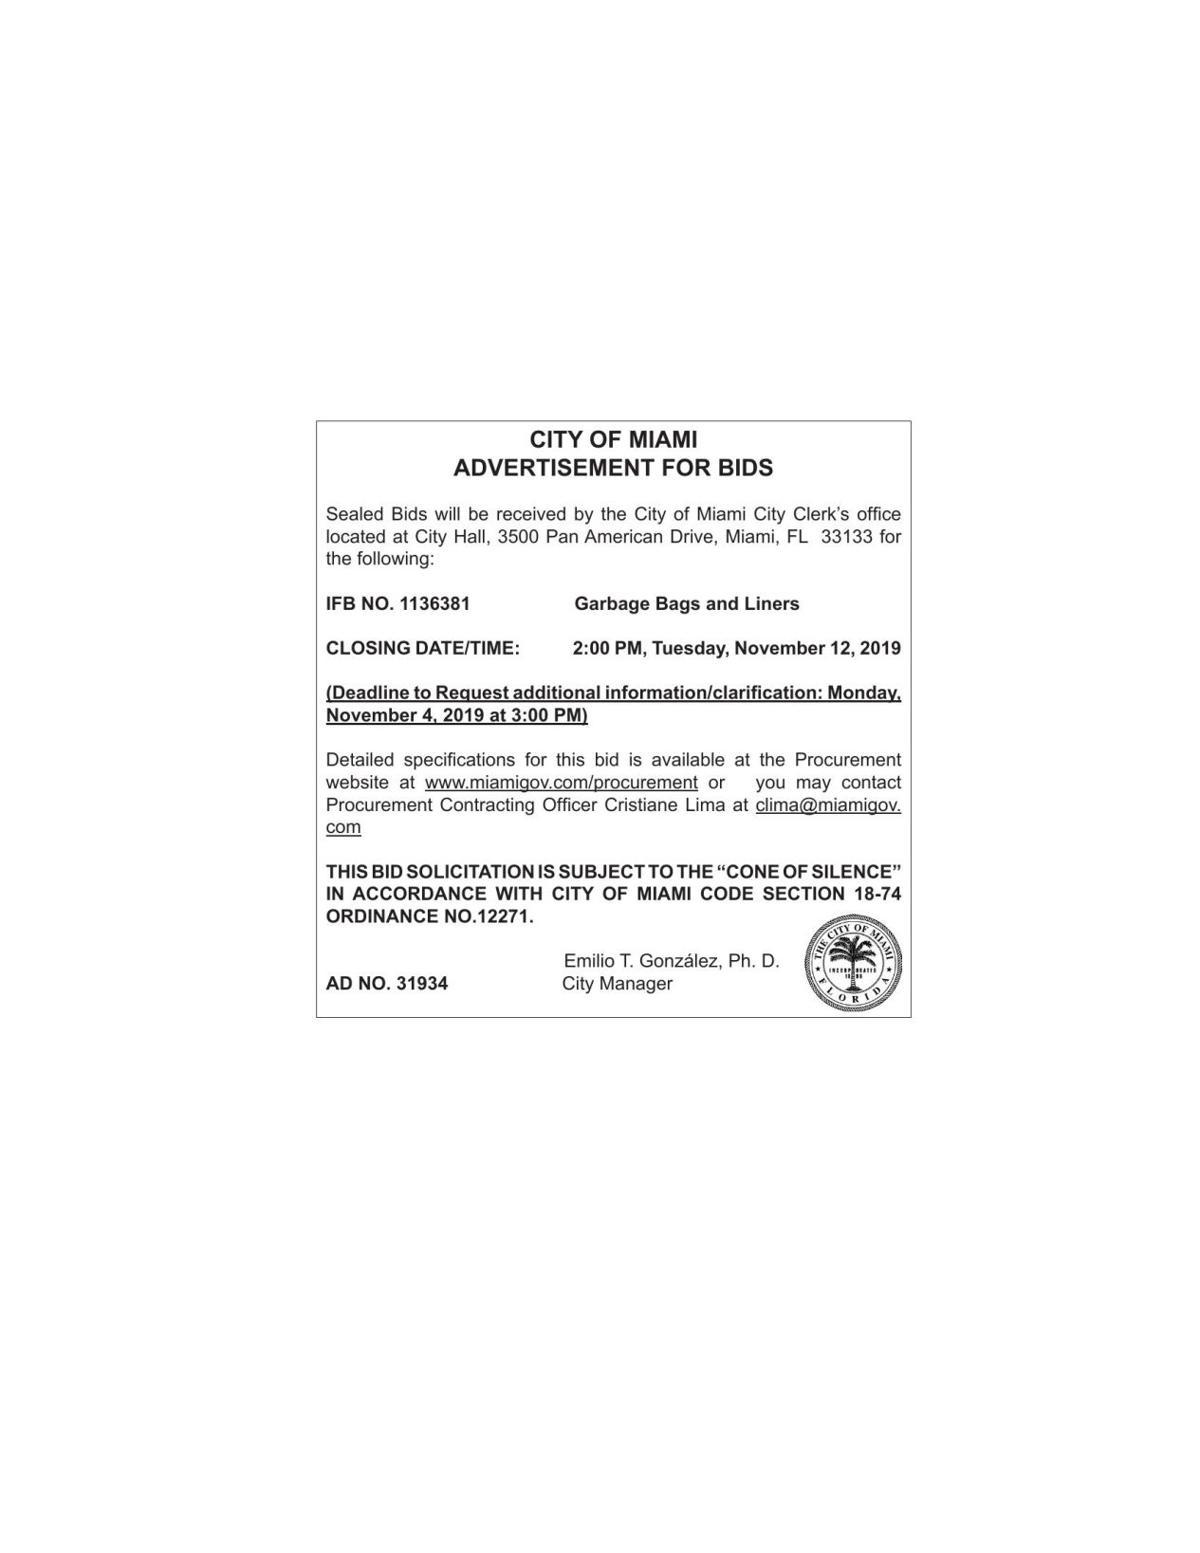 CITY OF MIAMI IFB NO. 1136381